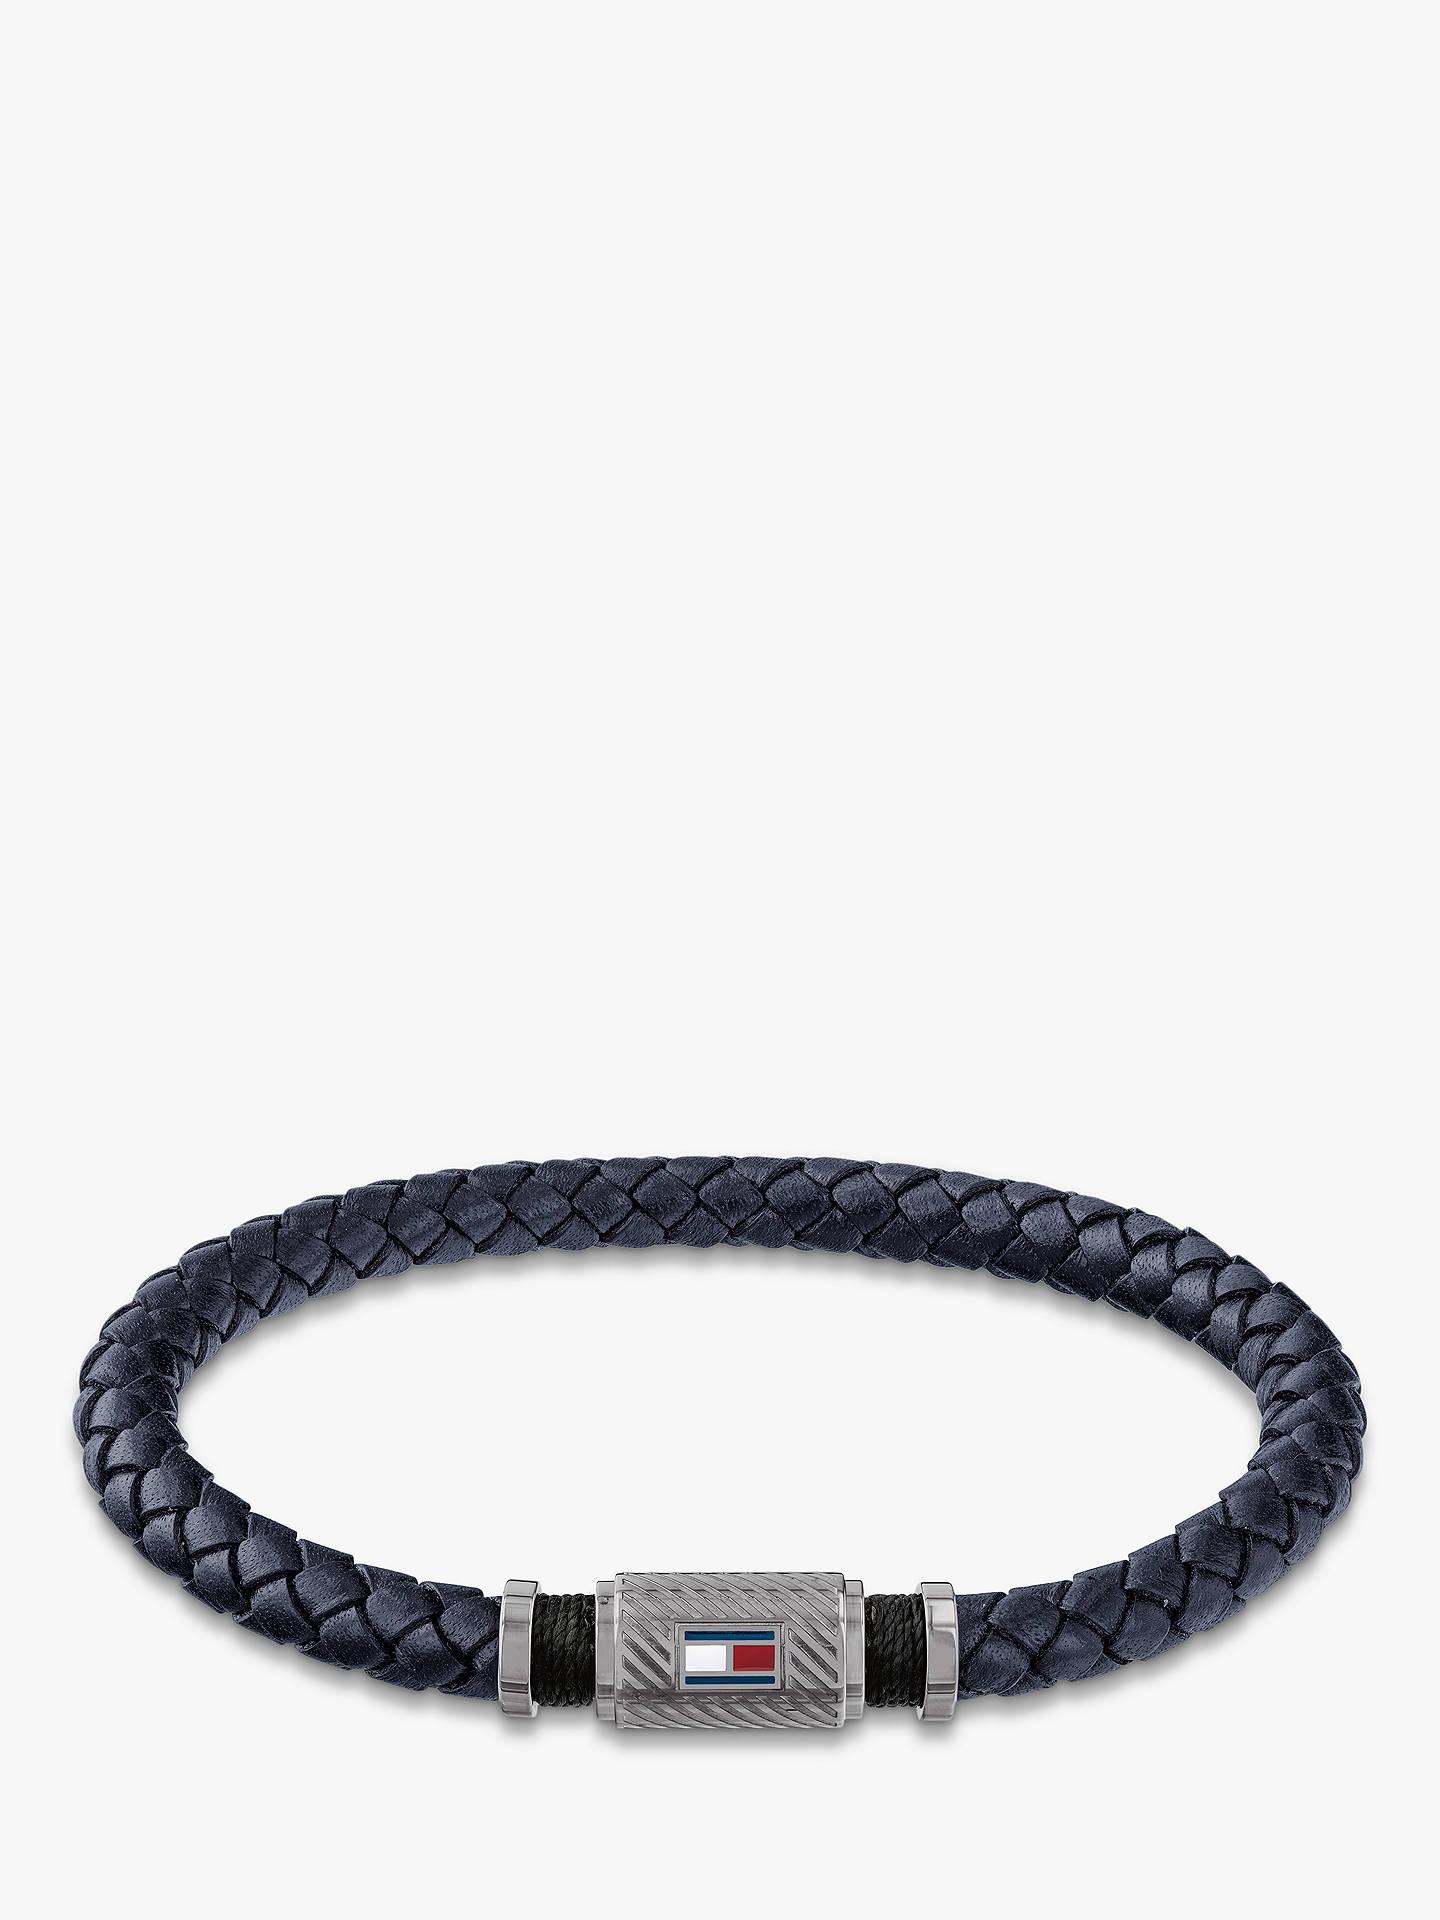 84ba113e65cd6 Tommy Hilfiger Men's Rivet Woven Leather Bracelet, Silver/Navy